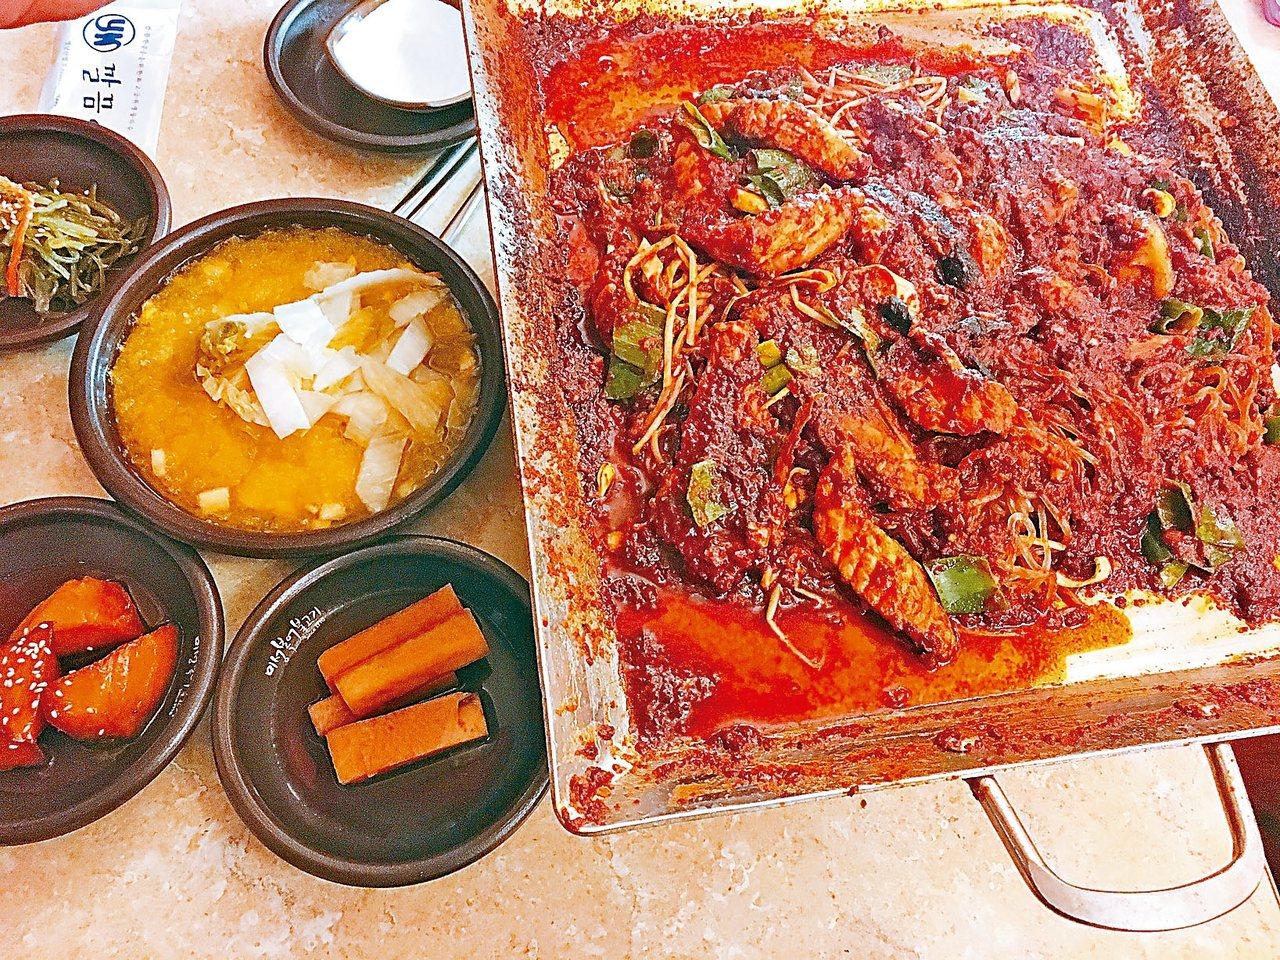 紅通通的辣炒河豚與南瓜冰泡菜。 記者鄭婕妤/攝影